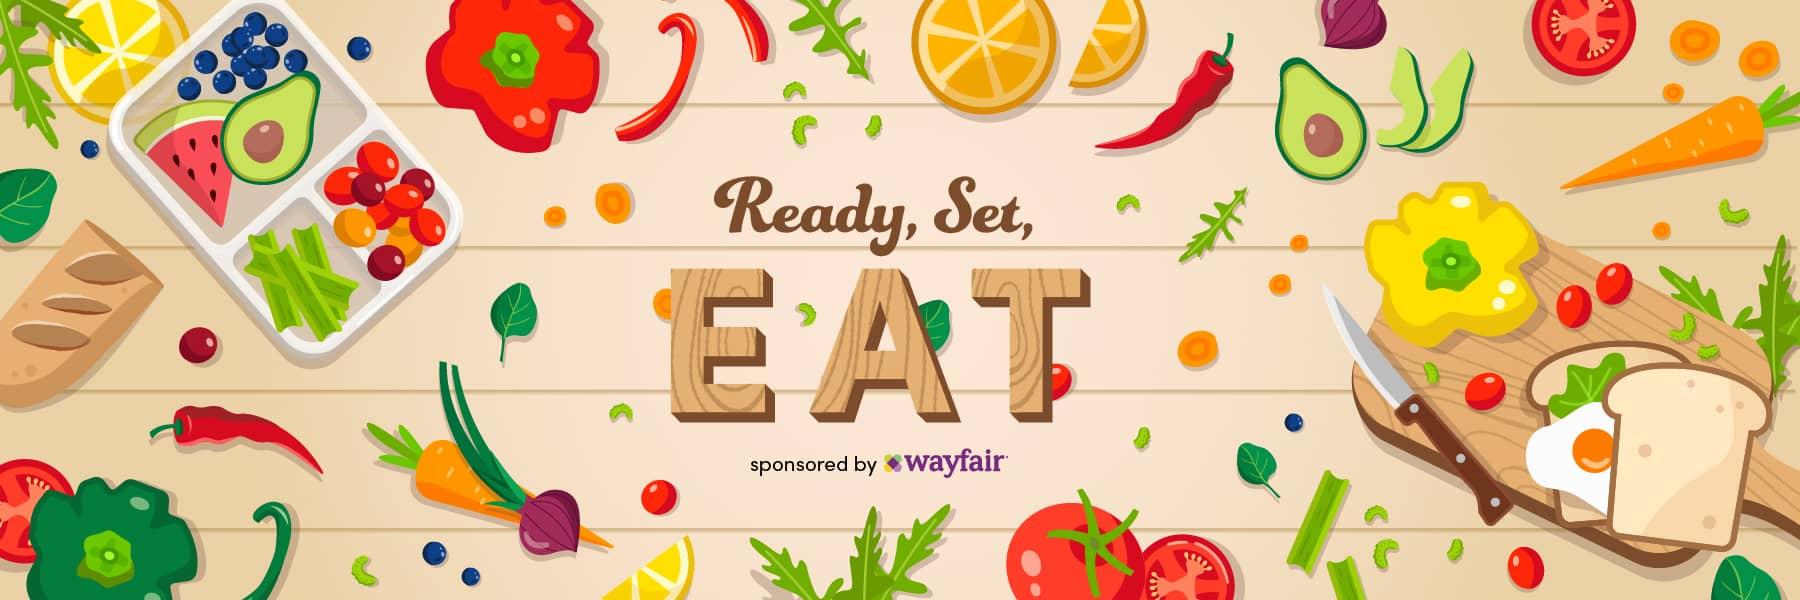 Ready set Eat